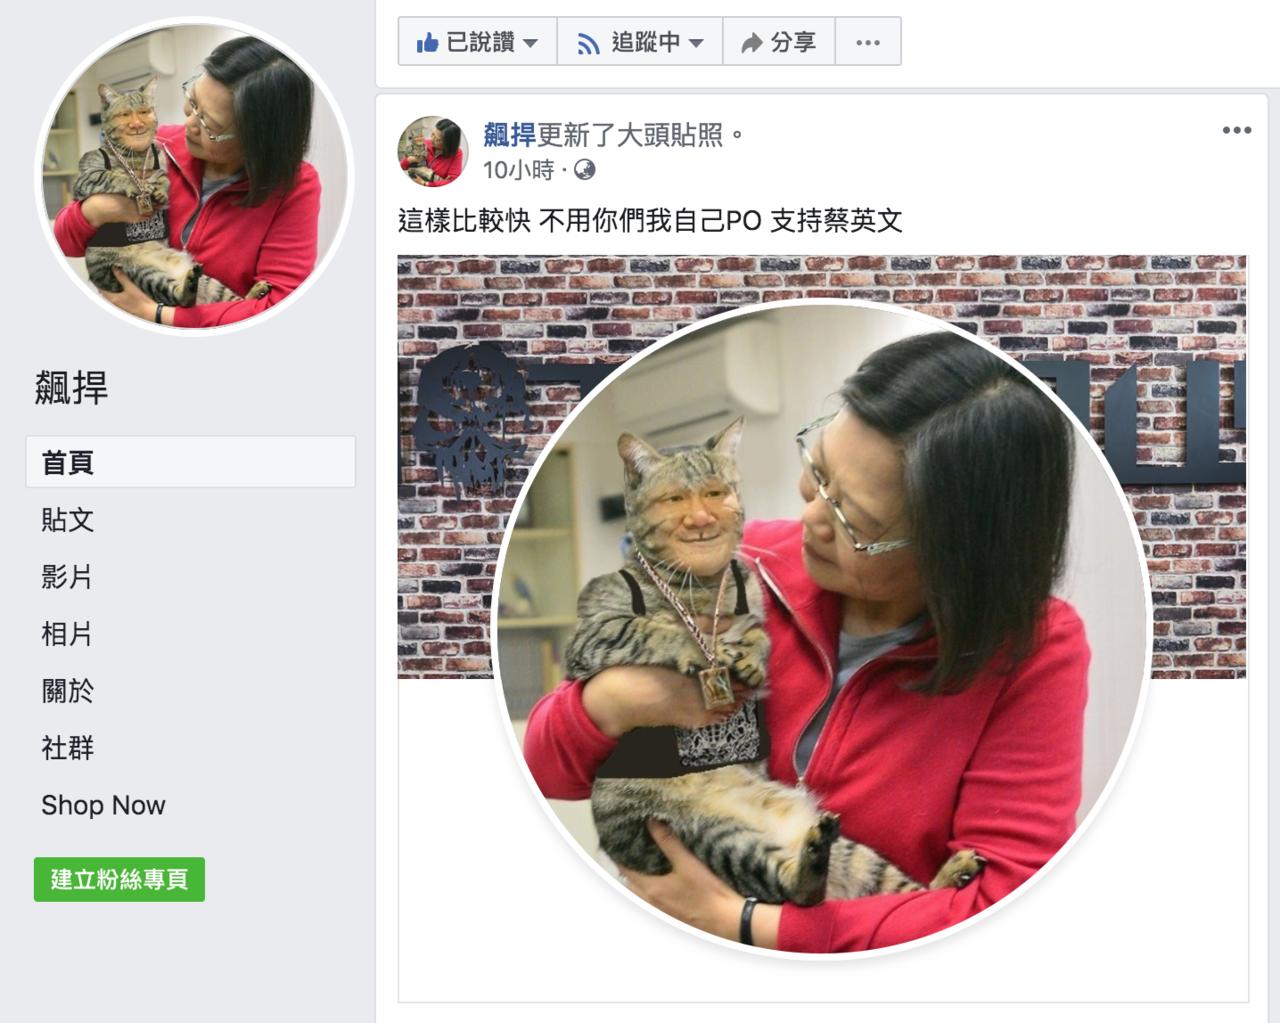 館長昨晚更將自己臉書粉絲團的大頭照,換成蔡英文抱貓的照片,而透過修圖將自己的臉,...